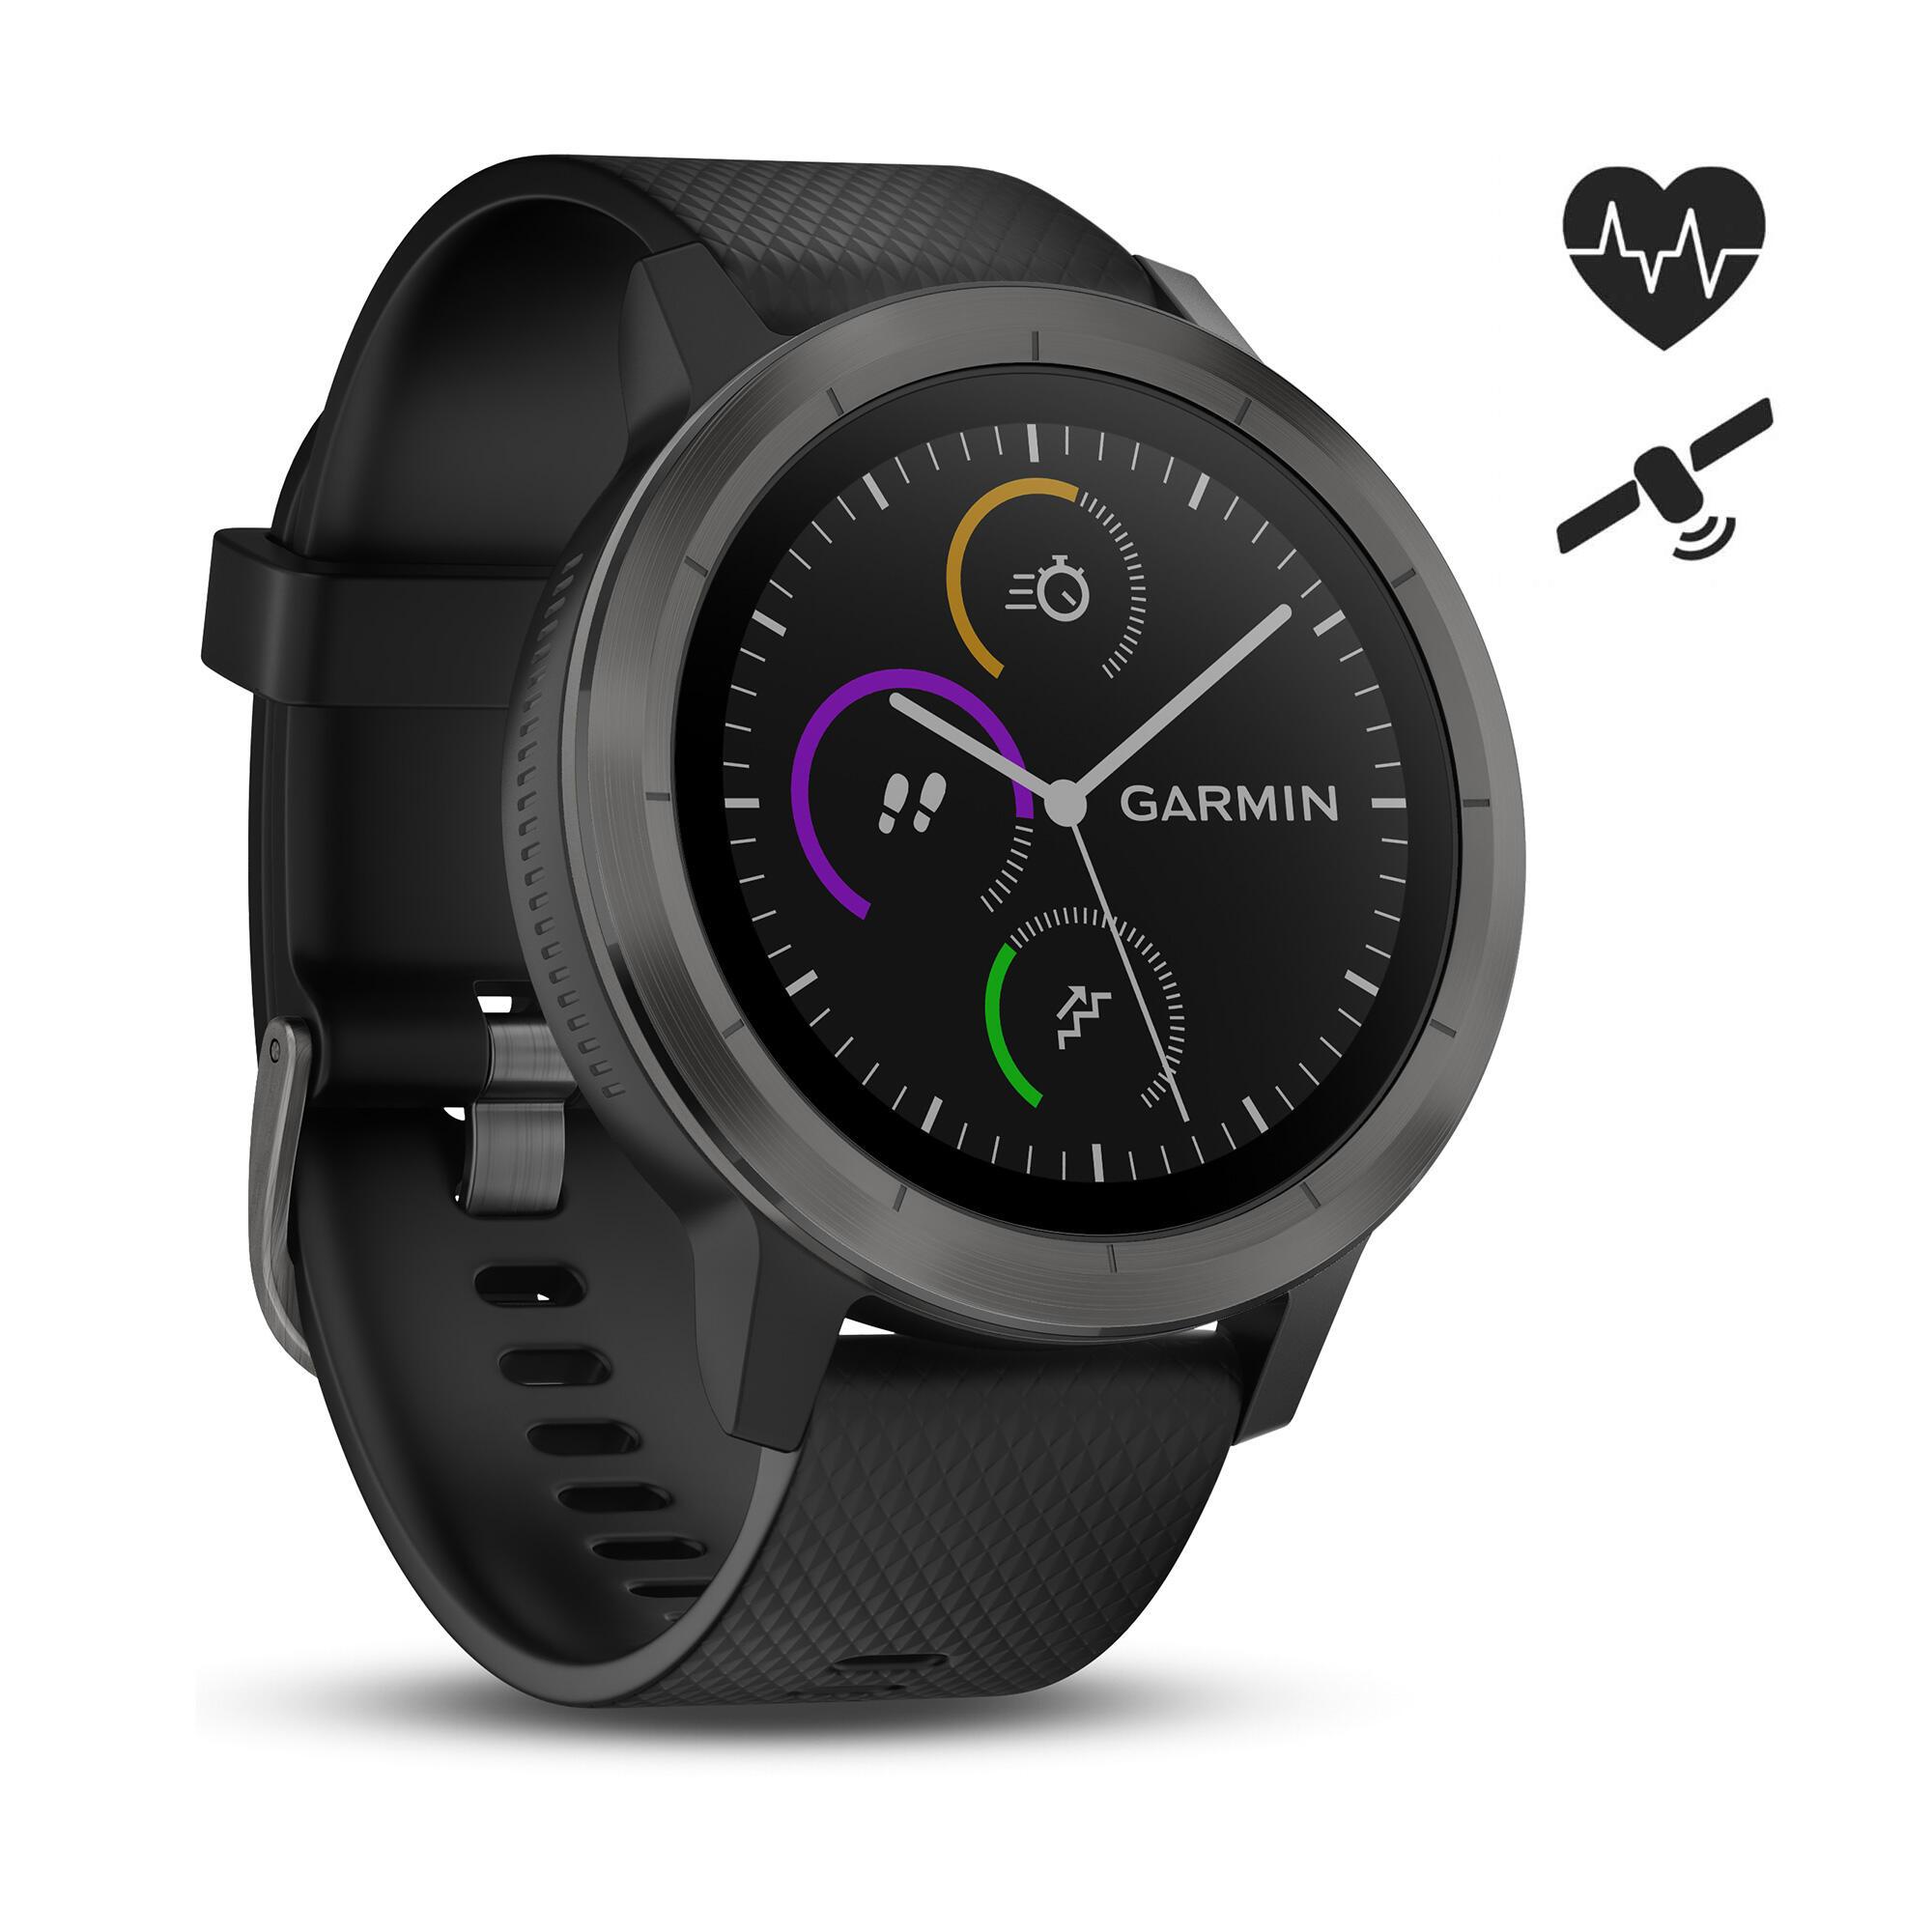 Smart-Watch Vivoactive 3 schwarz/schiefer Herzfrequenzsensor GPS | Uhren > Smartwatches | Garmin